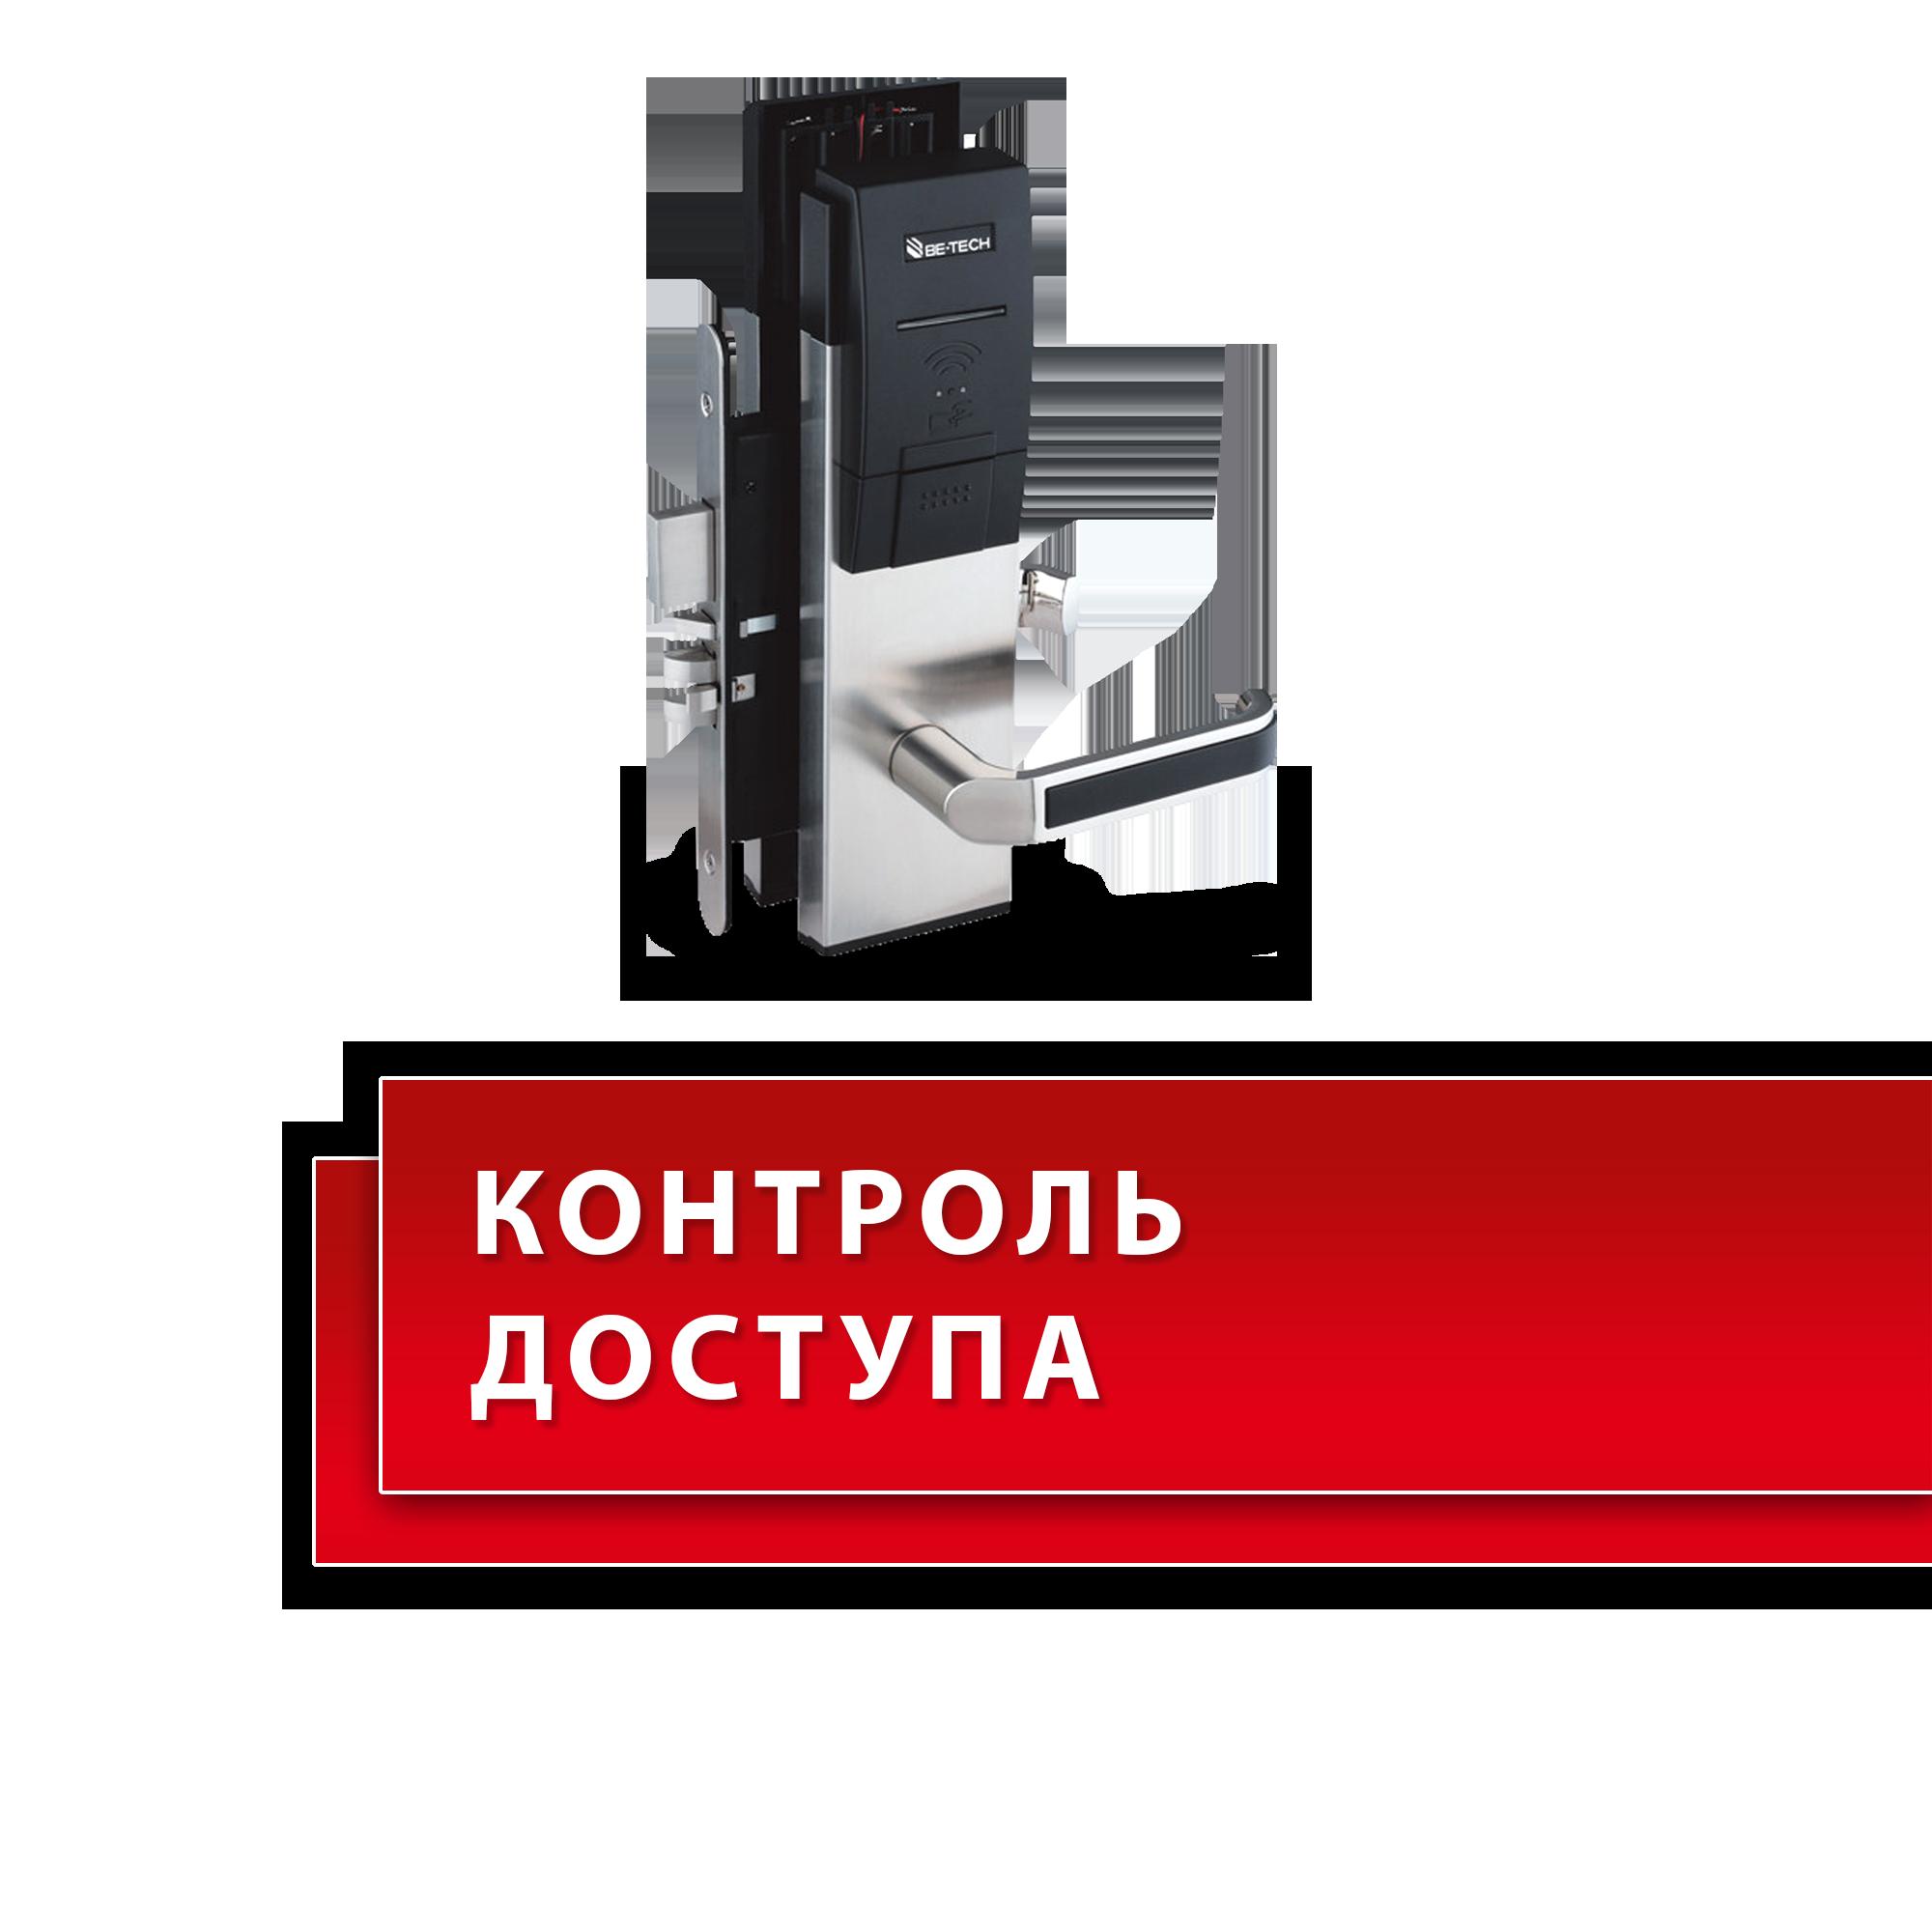 Системы контроля и управления доступомна складские помещения и хранилища